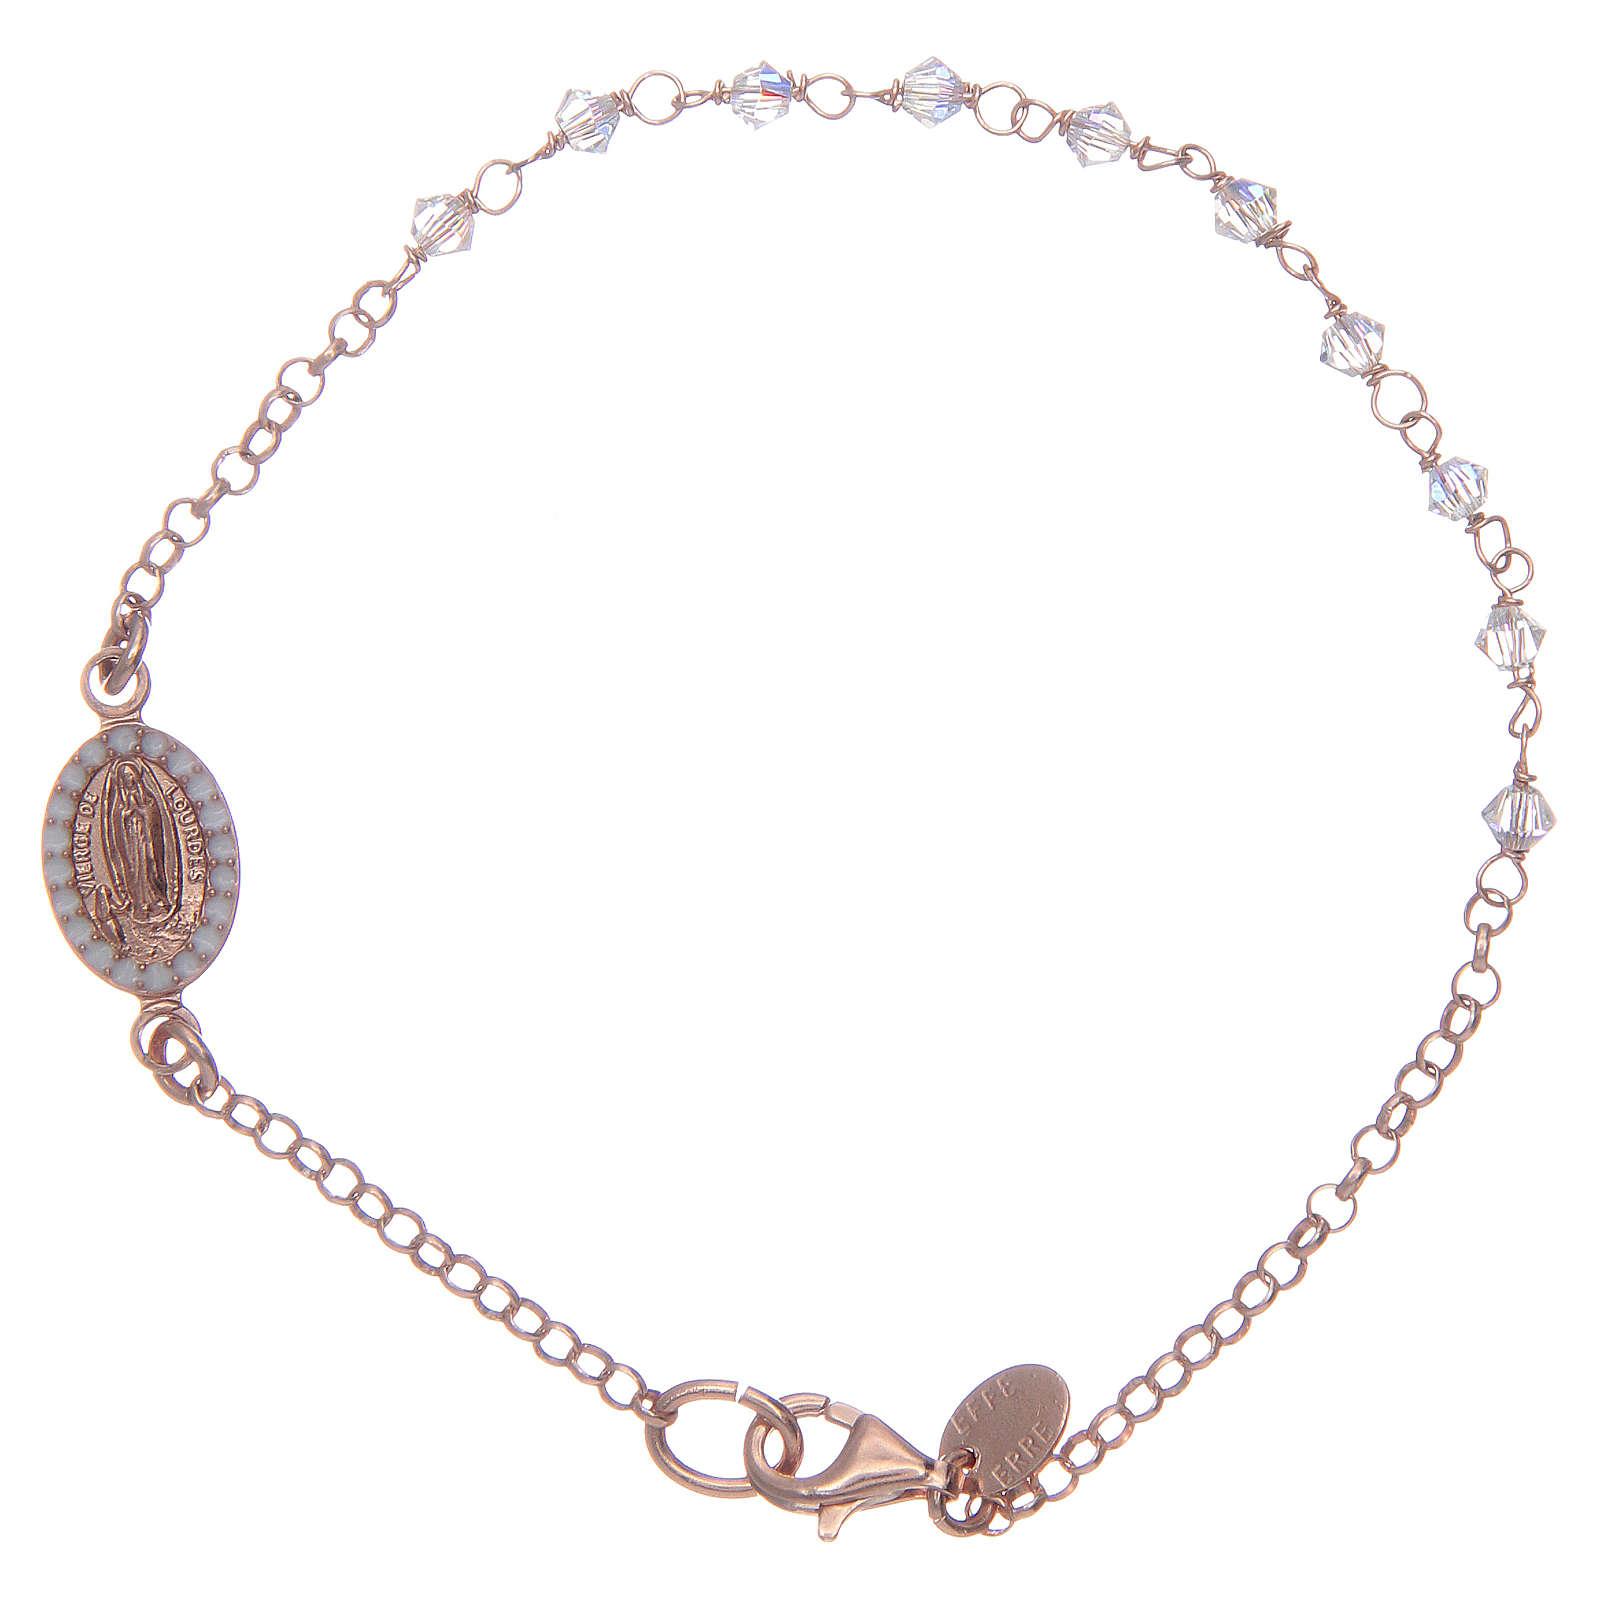 Bracciale argento 925 rosato e Swarovski trasparenti 4